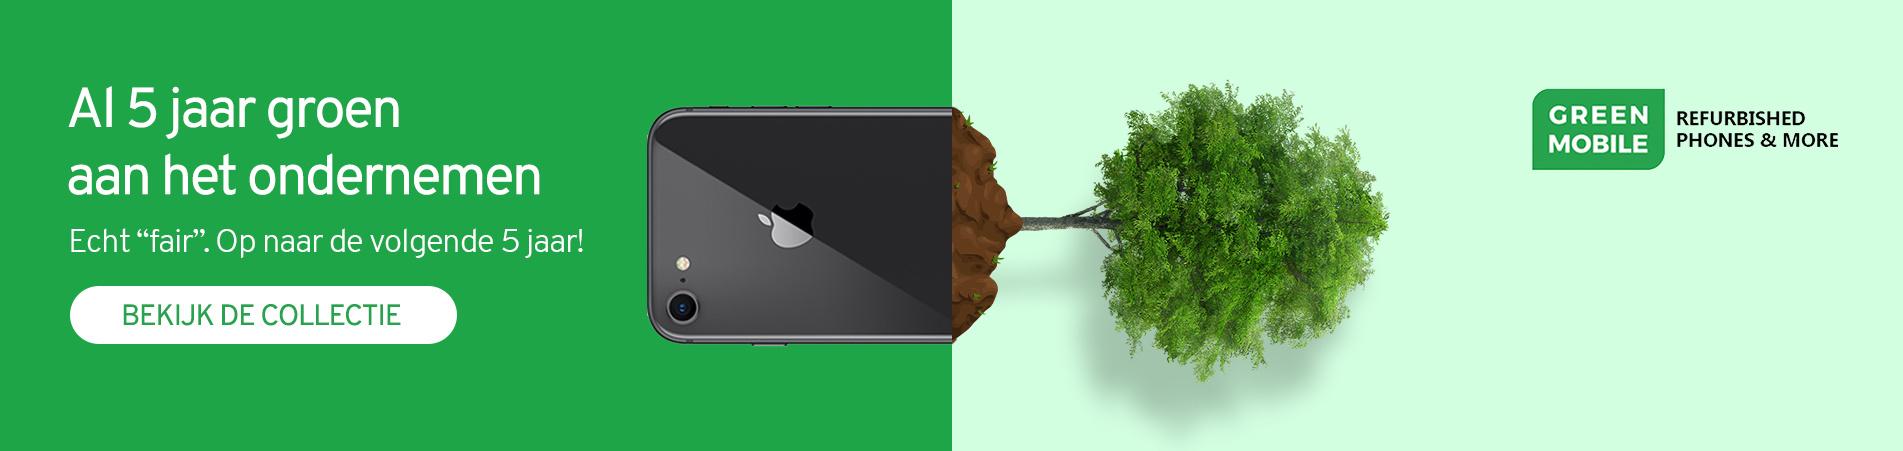 banner-groen-ondernemen